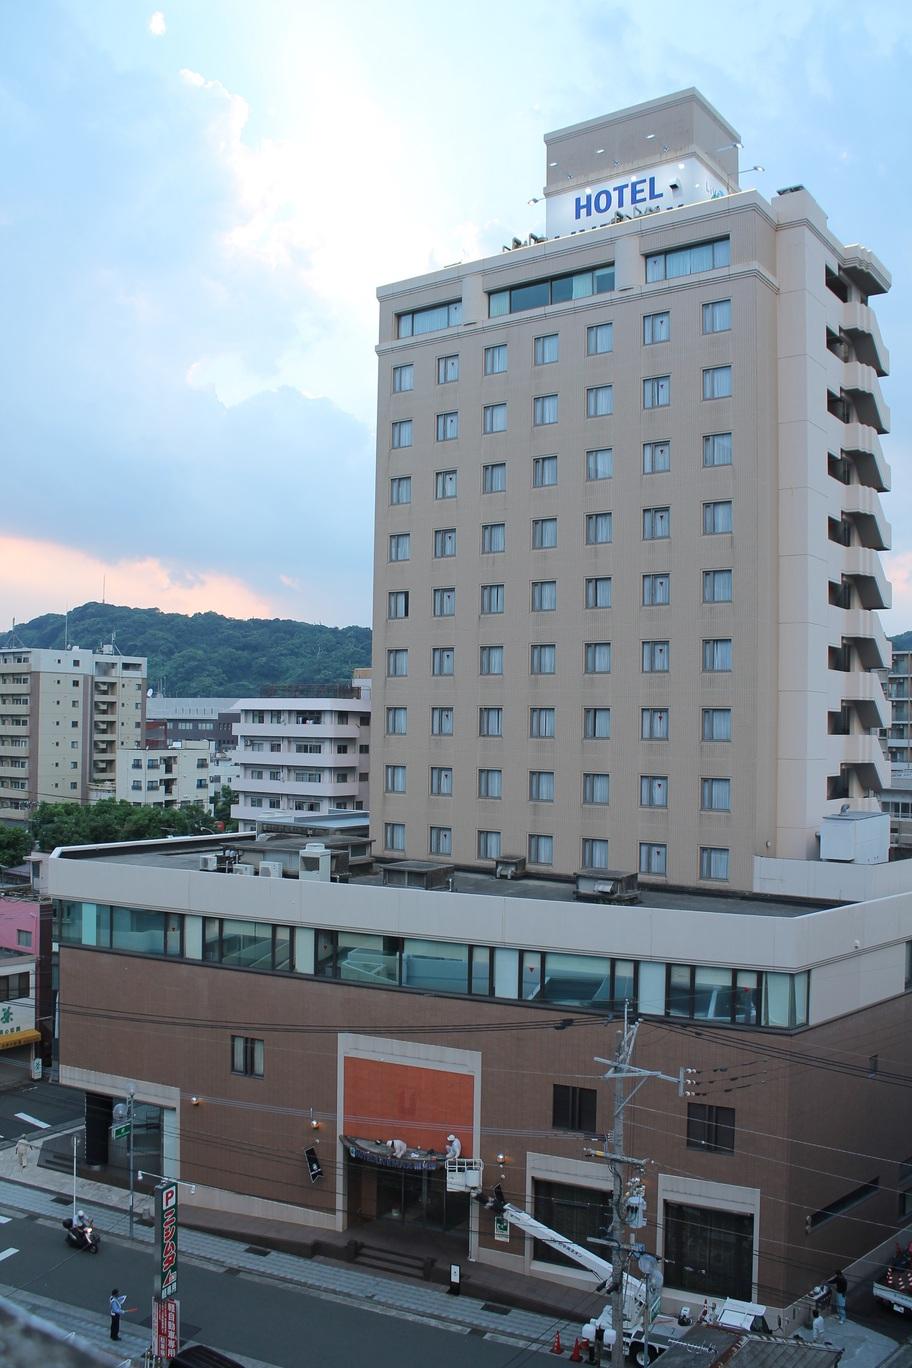 ホテルリブマックスBUDGET鹿児島 image